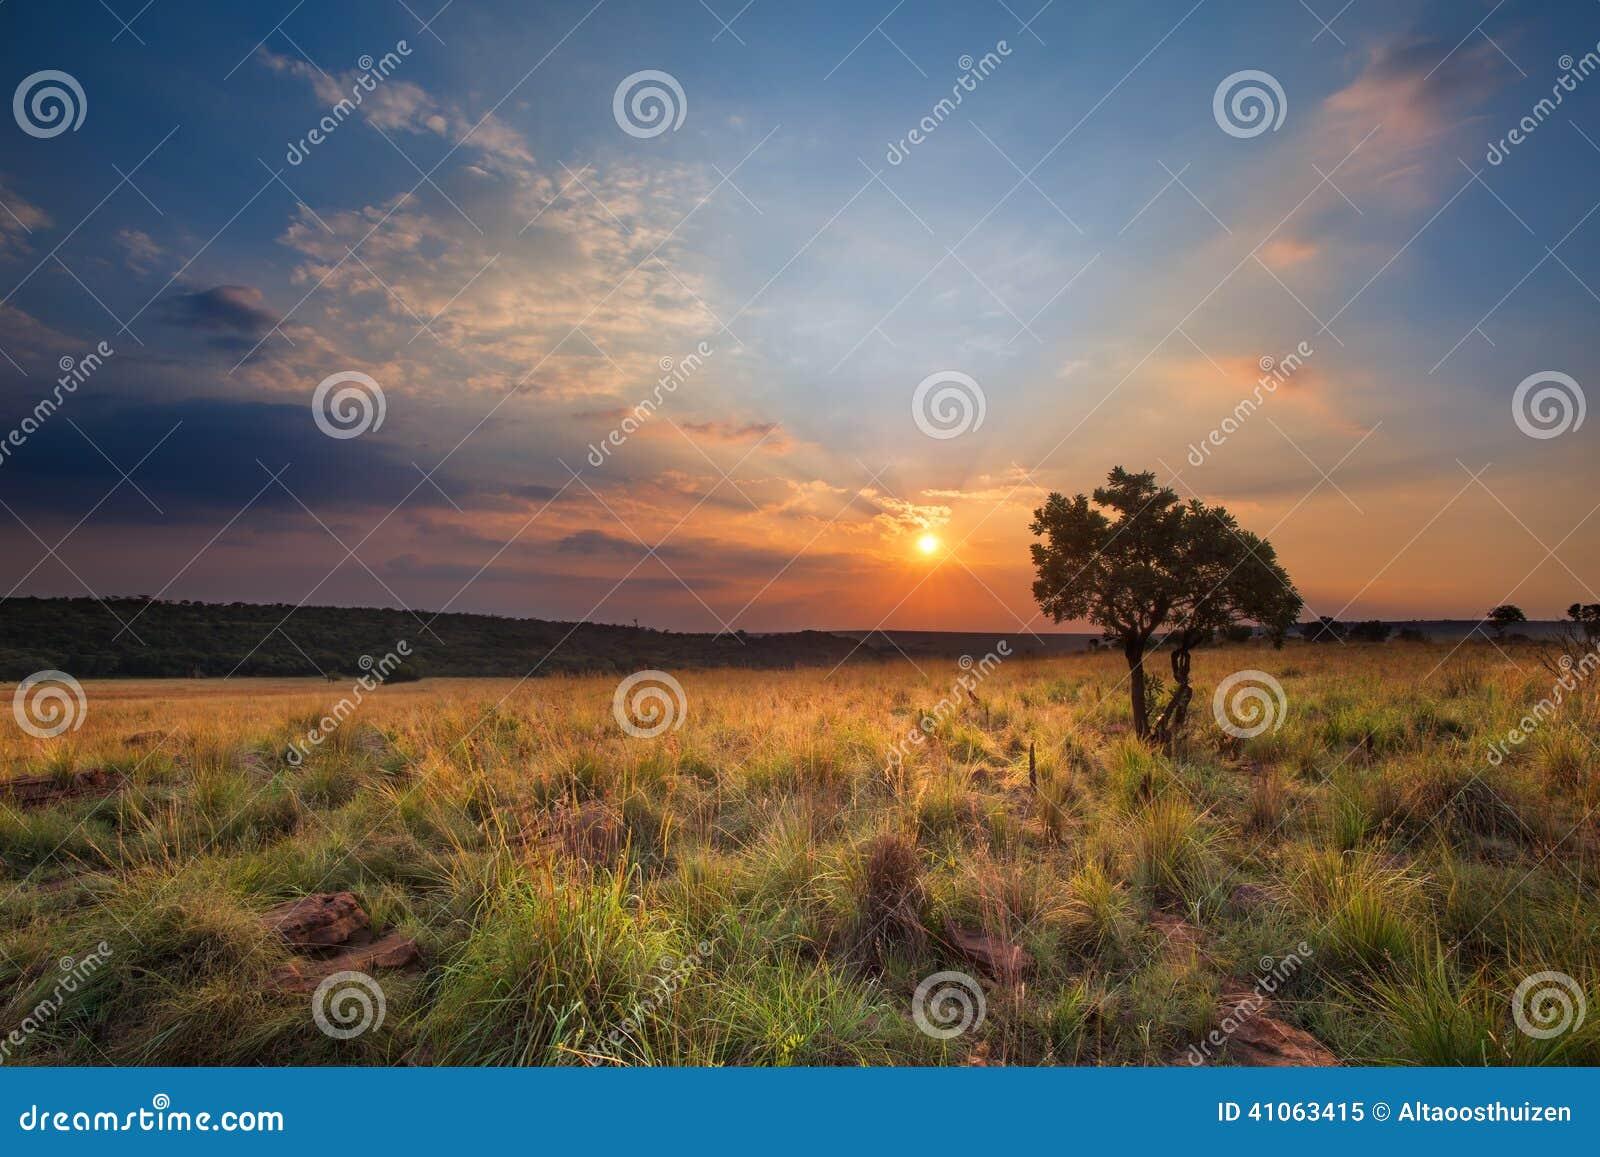 Puesta del sol mágica en África con un árbol solitario en una colina y louds